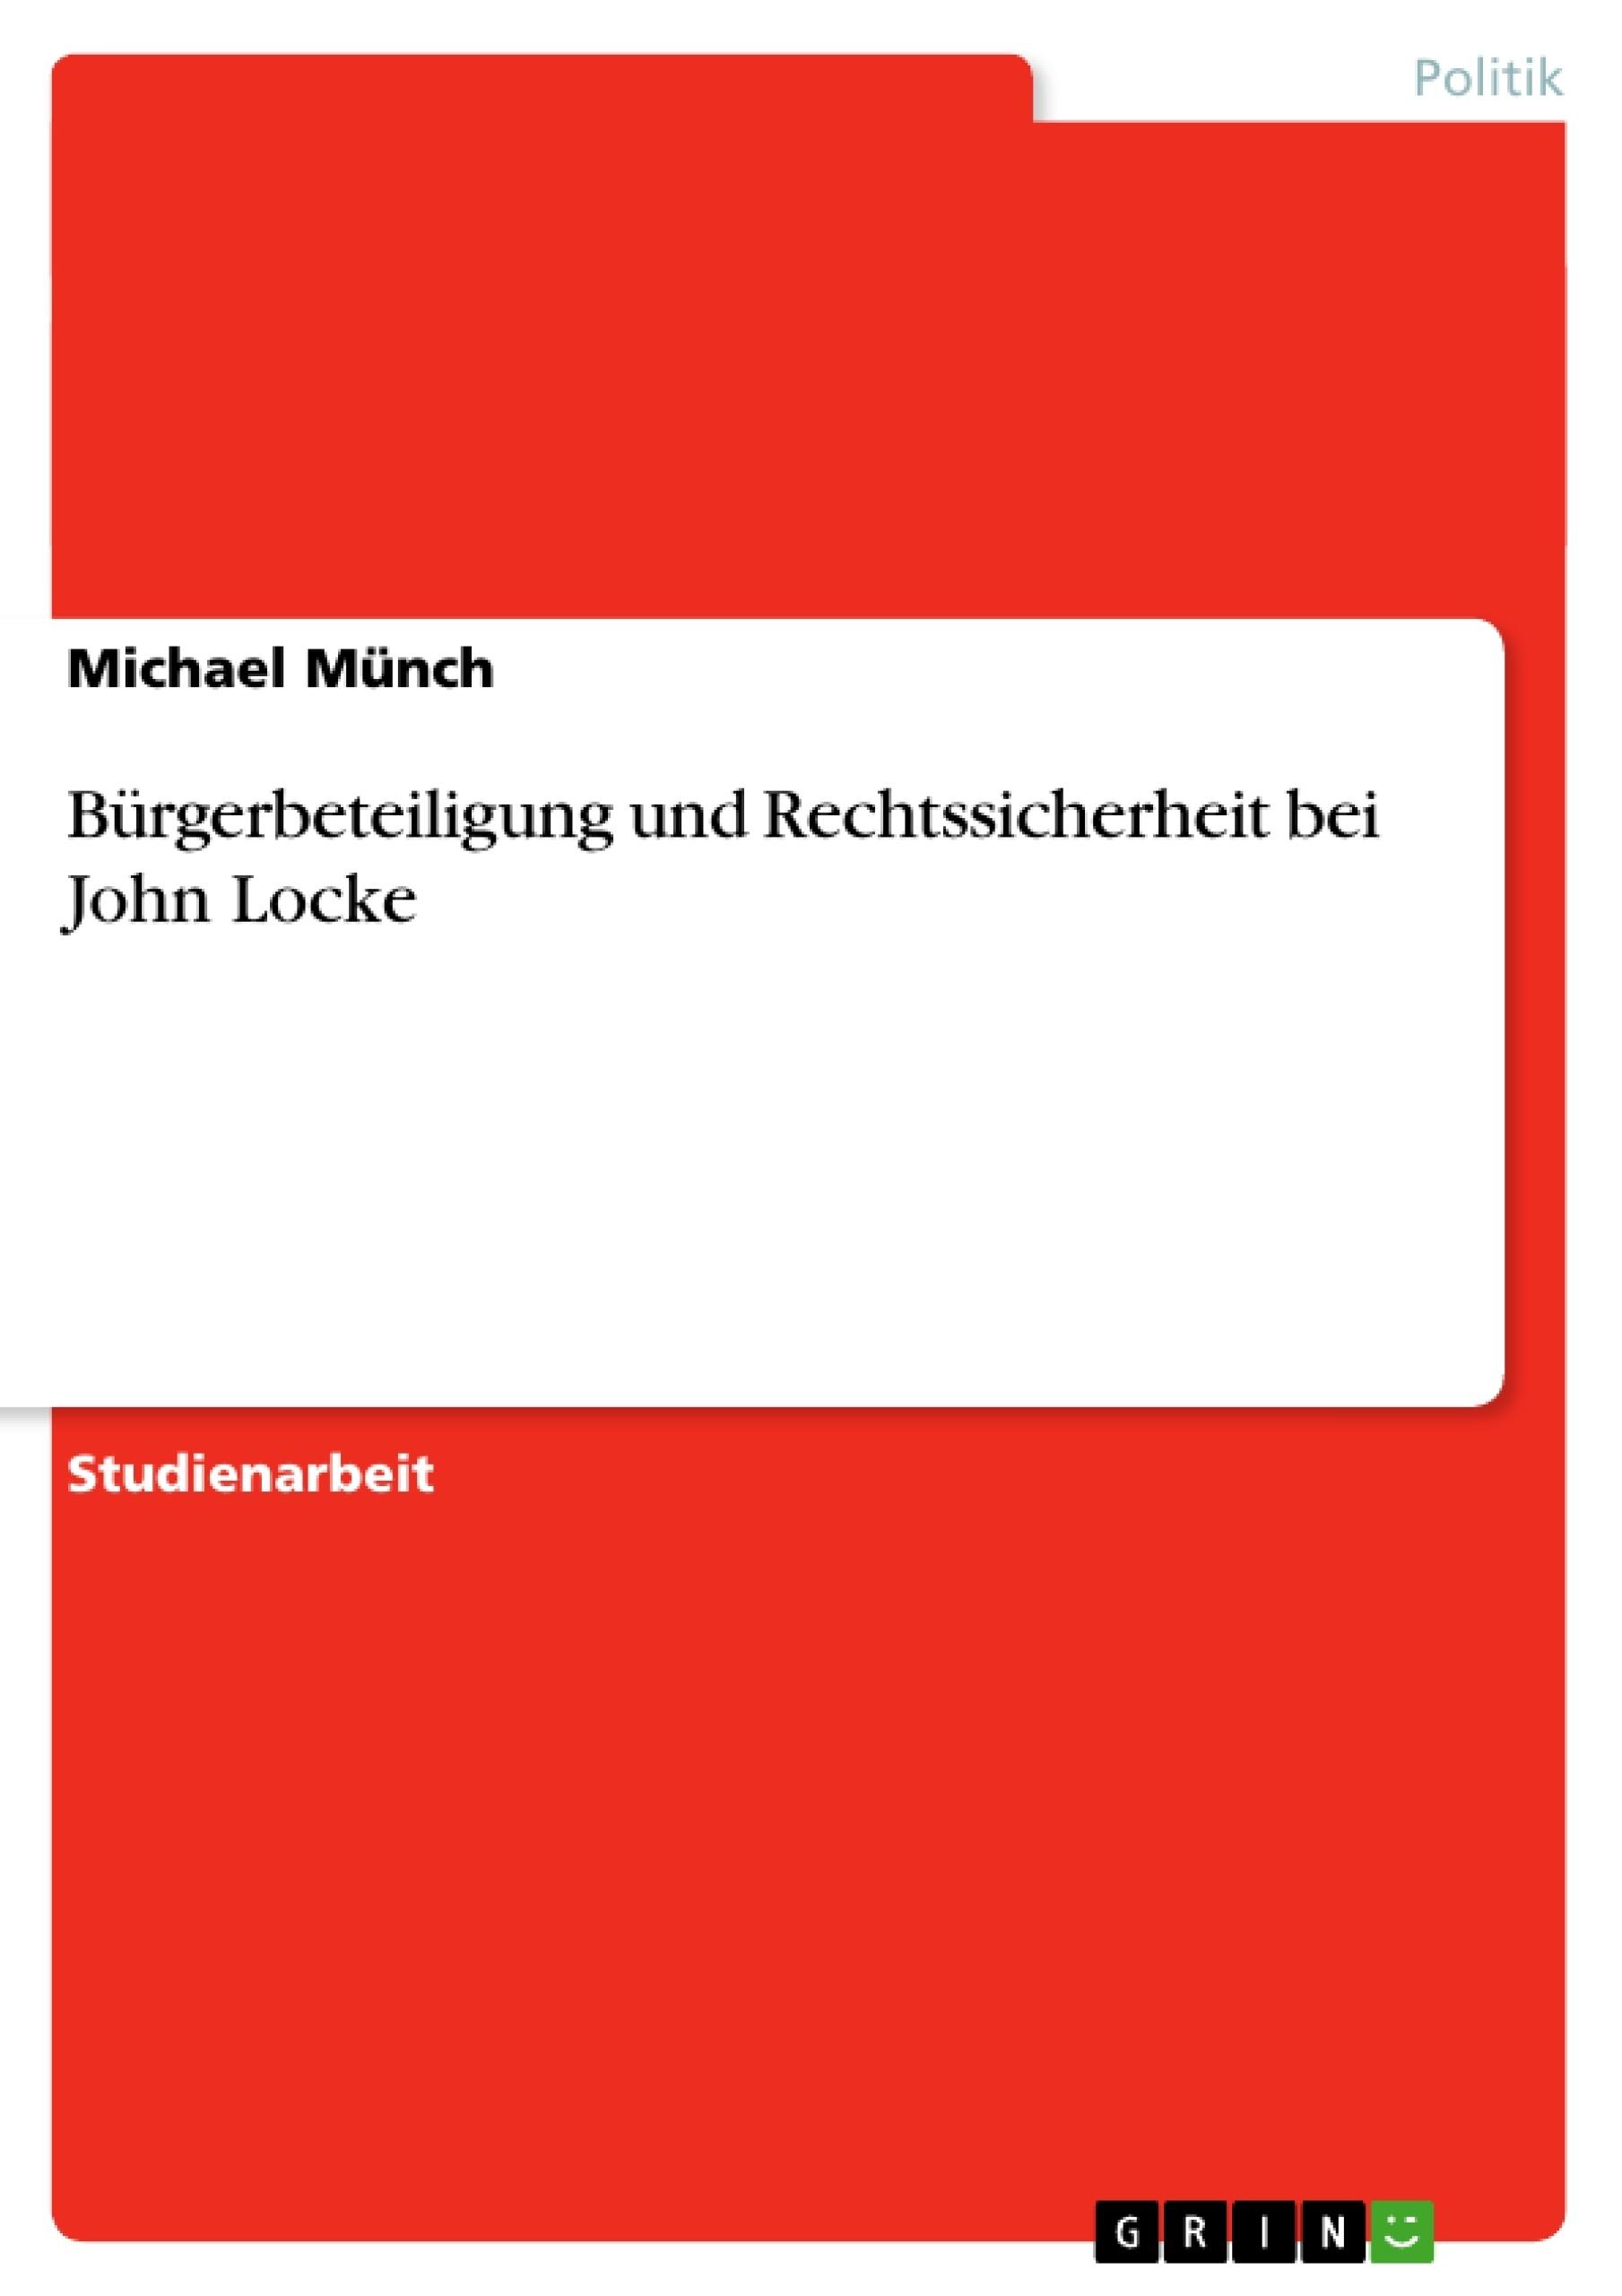 Titel: Bürgerbeteiligung und Rechtssicherheit bei John Locke